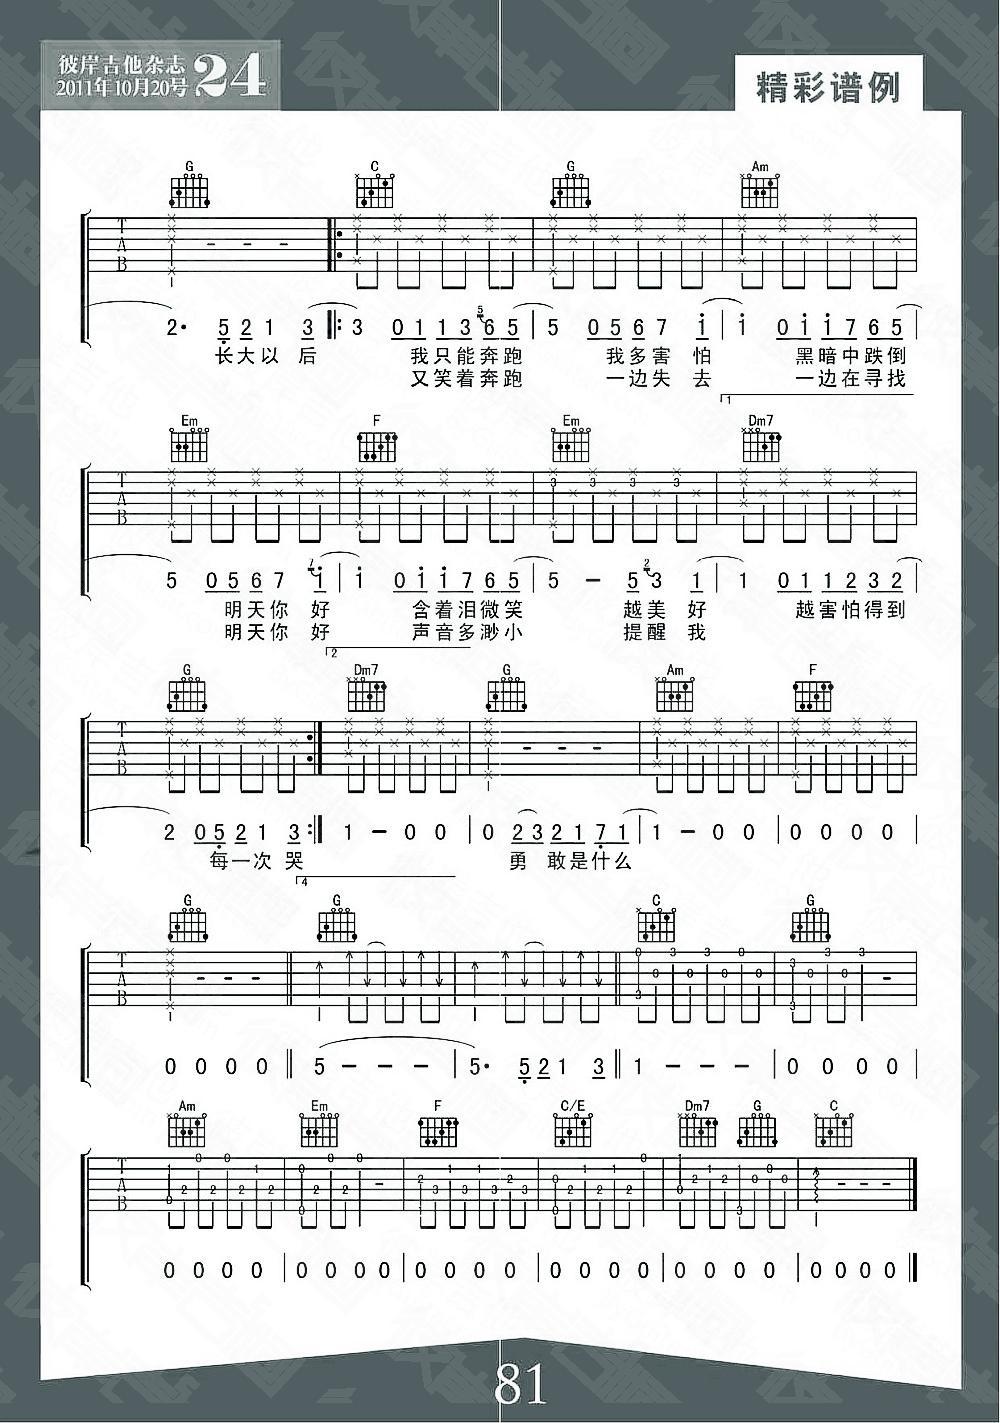 明天,你好的吉他谱 牛奶&咖啡 - 彼岸吉他中国第一